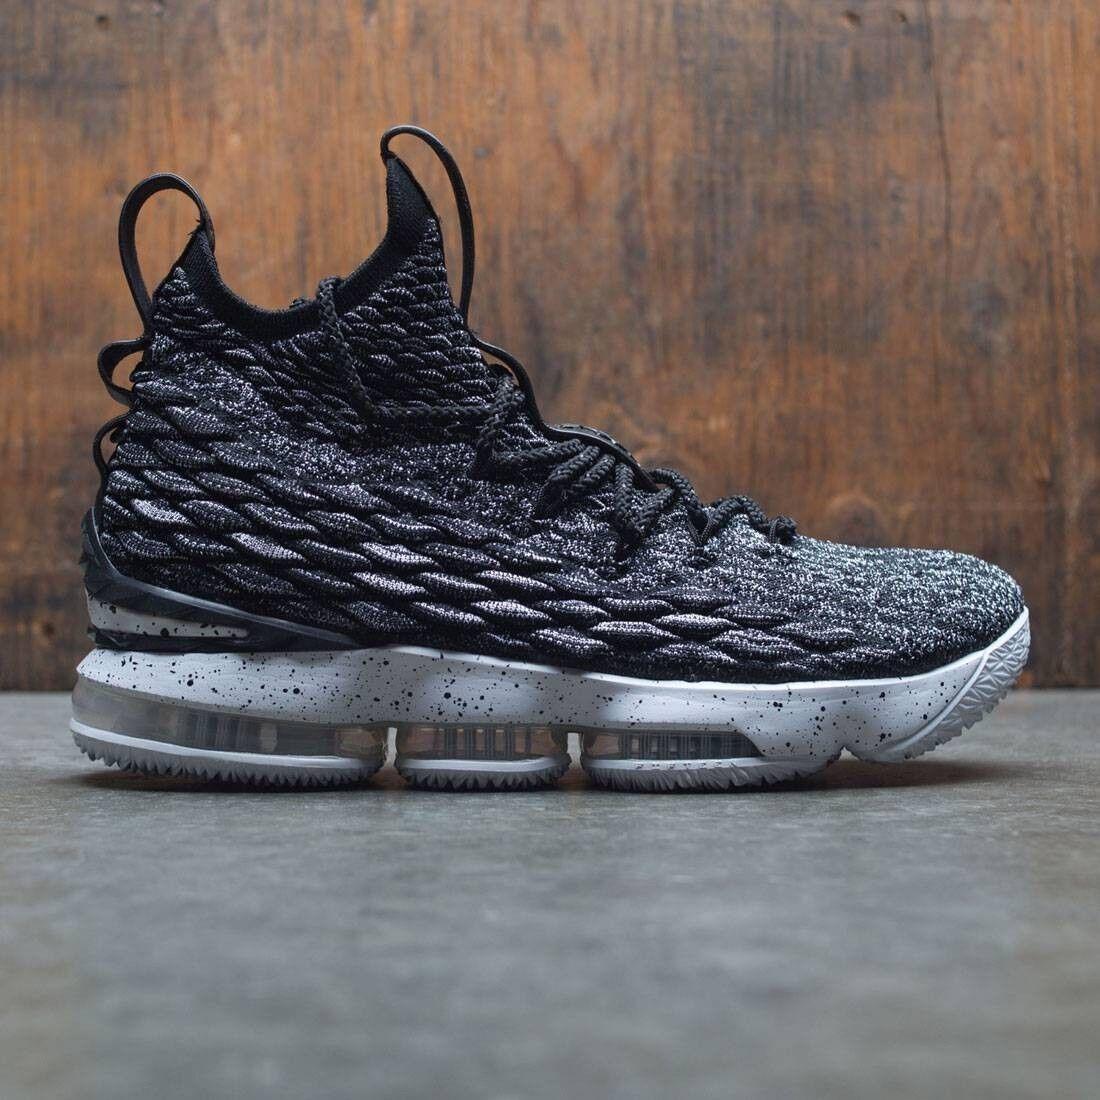 Nike LeBron 15 XV Ashes Black White Oreo Size 12. 897648-002